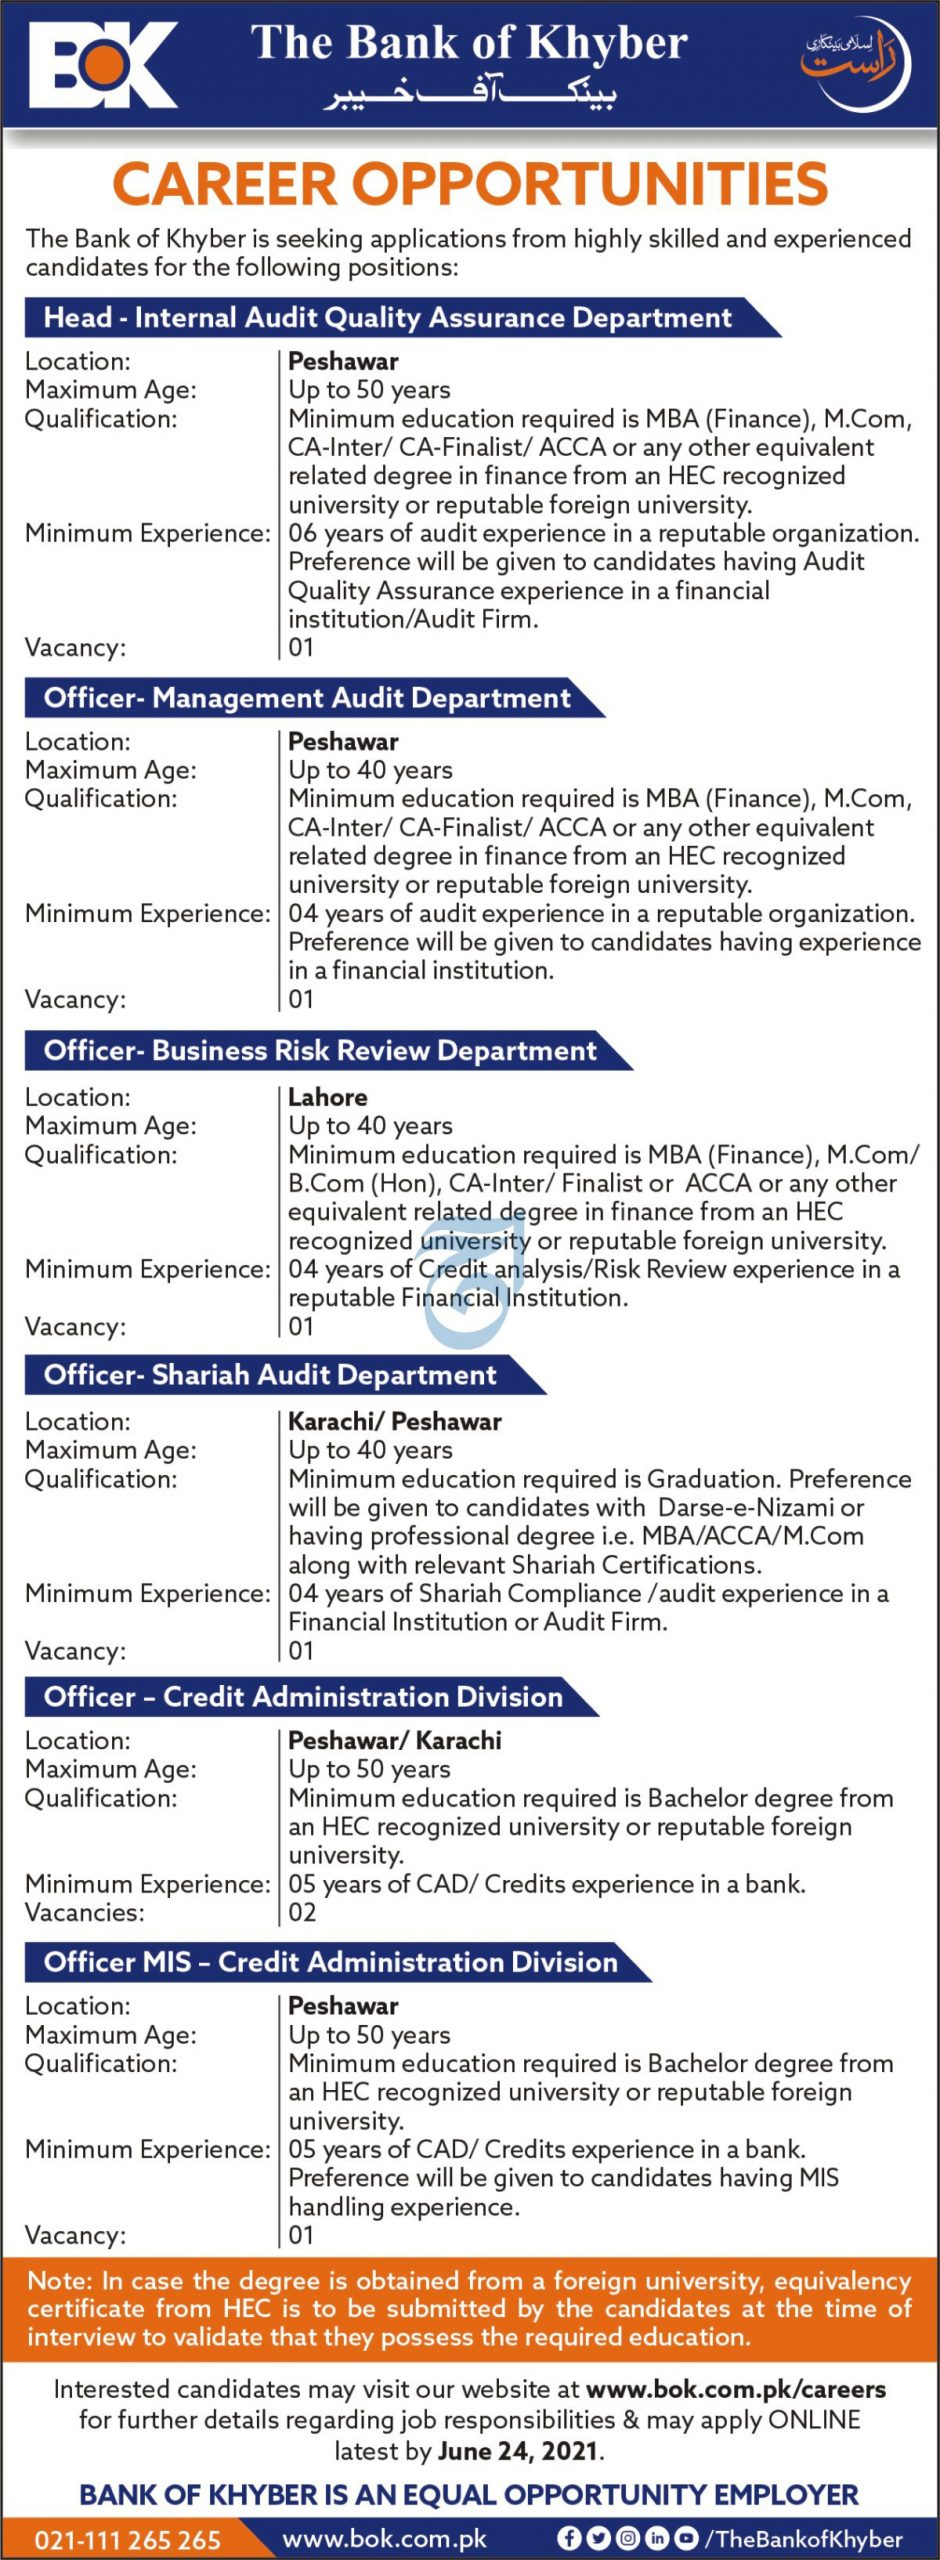 Bank of Khyber BOK Jobs June 2021 in Pakistan - Apply Online via www.bok.com.pk